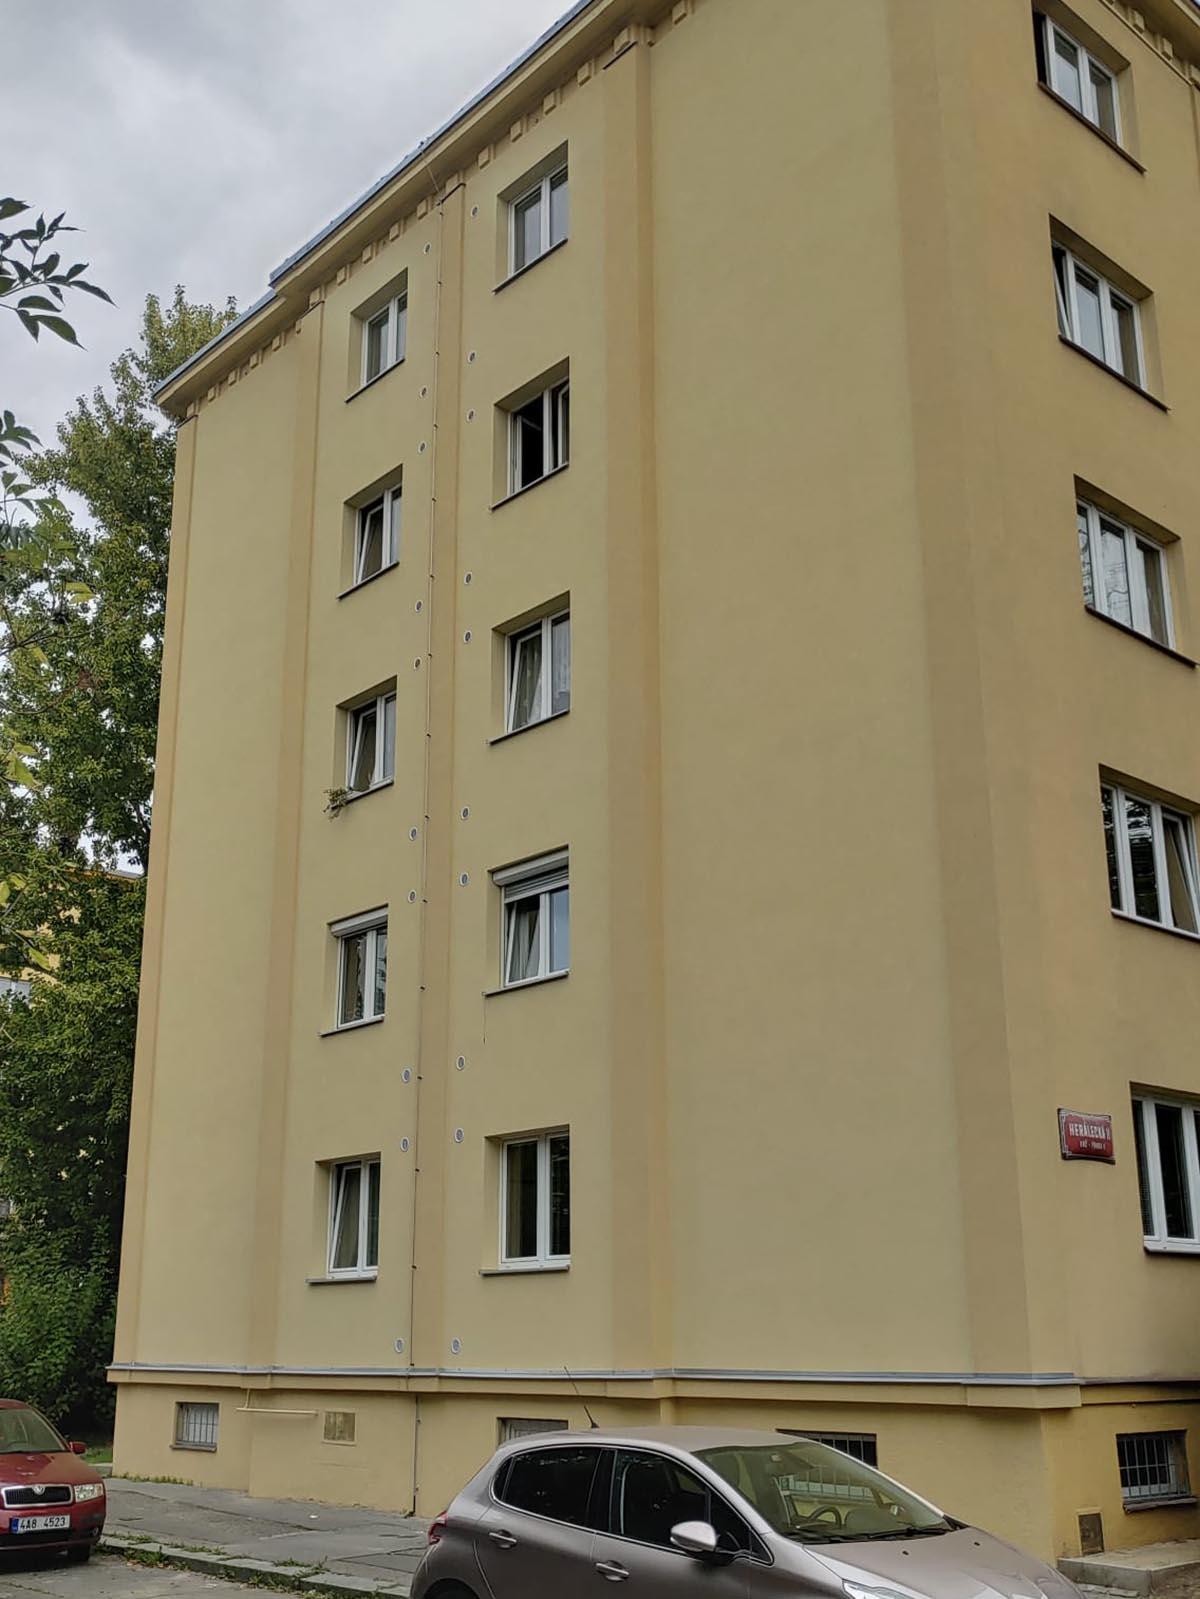 Herálecká 955/2, Praha